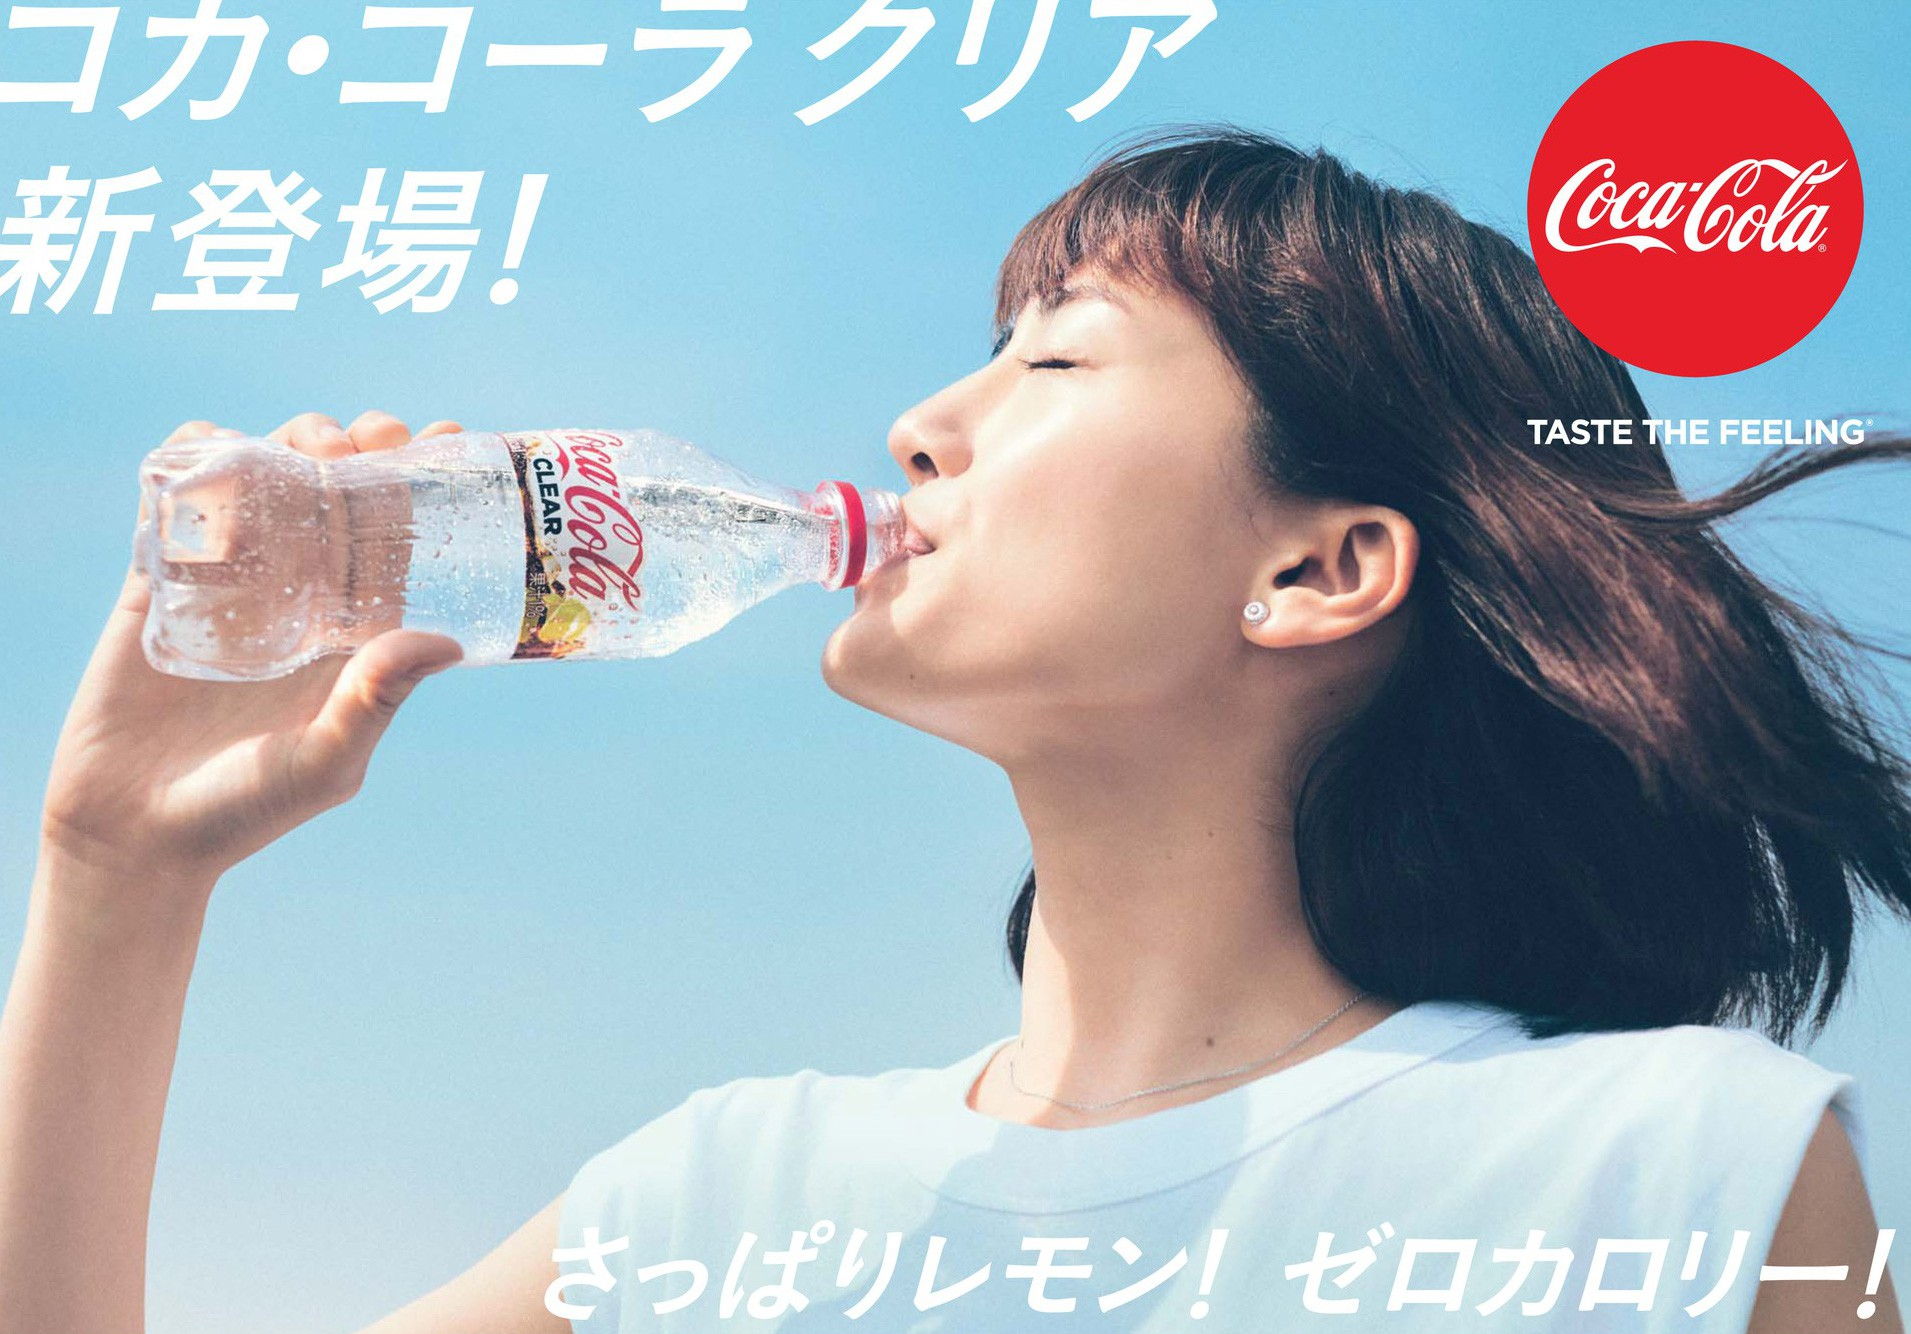 Nhật Bản xuất hiện Coca Cola trong suốt khiến giới trẻ các nước háo hức muốn thưởng thức ngay - Ảnh 2.